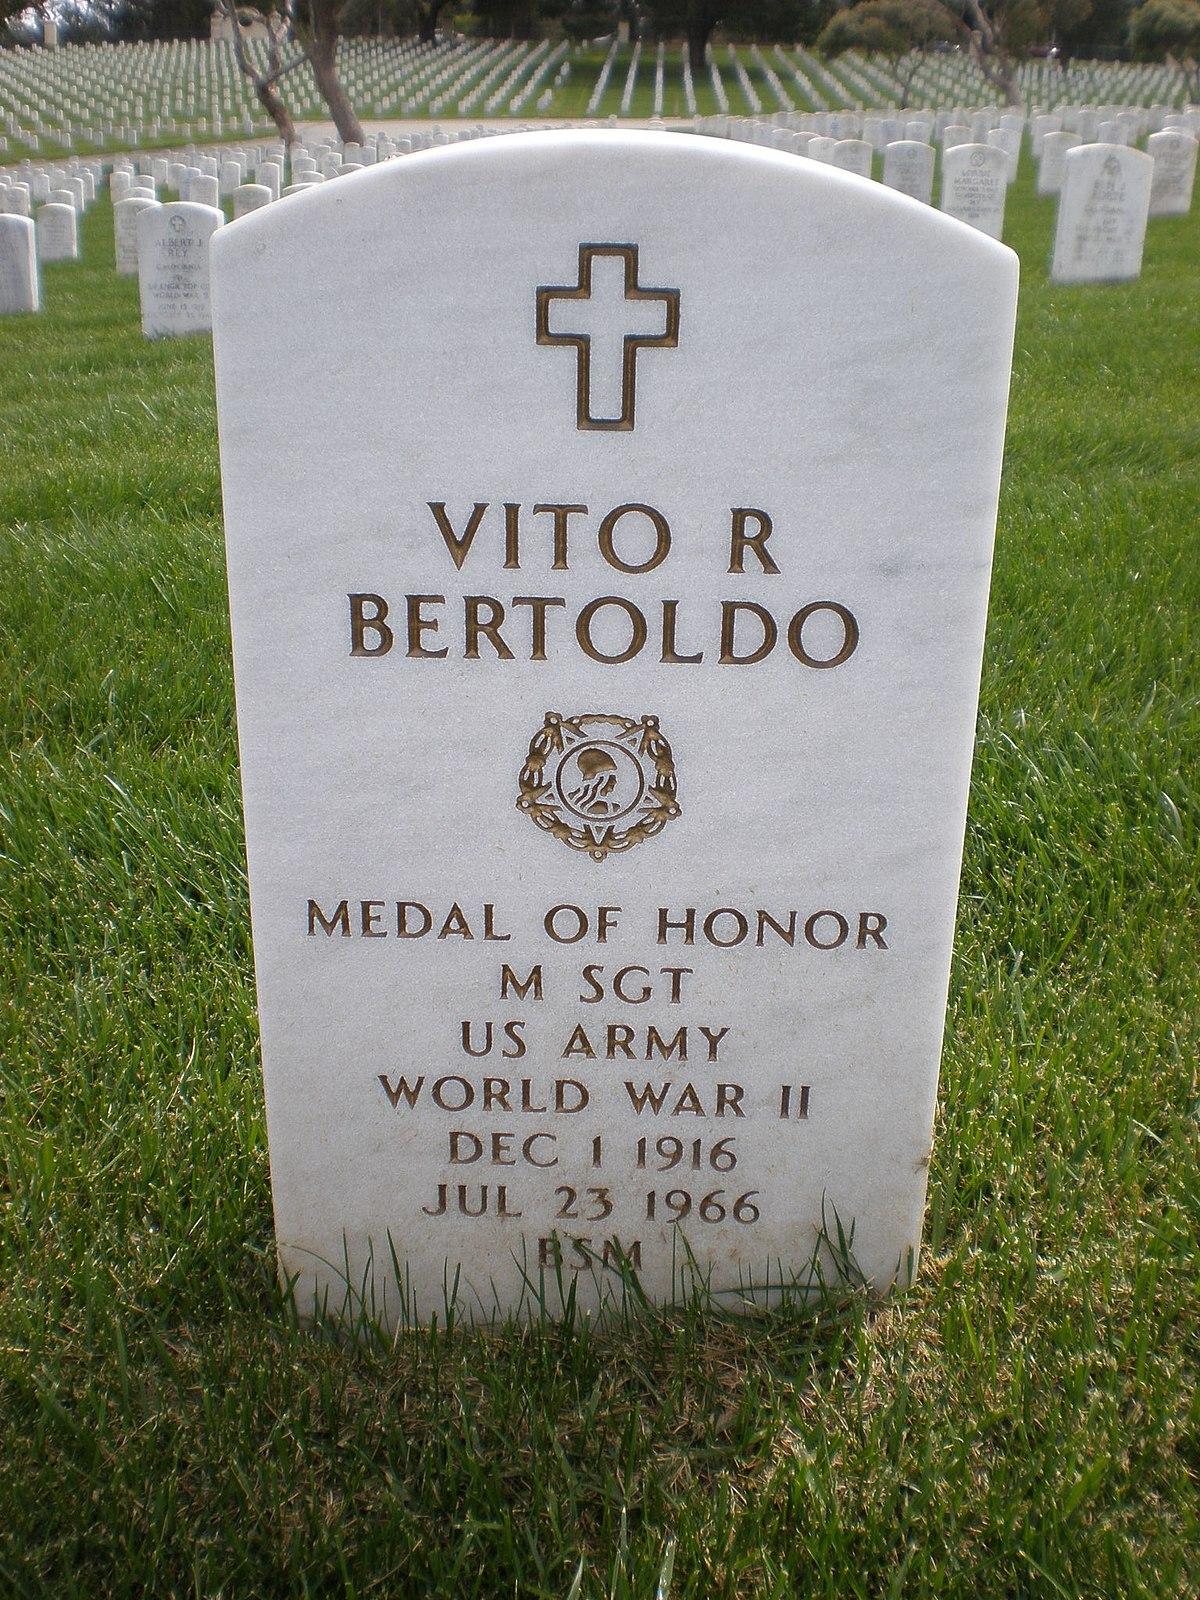 Vito R. Bertoldo - Wikipedia